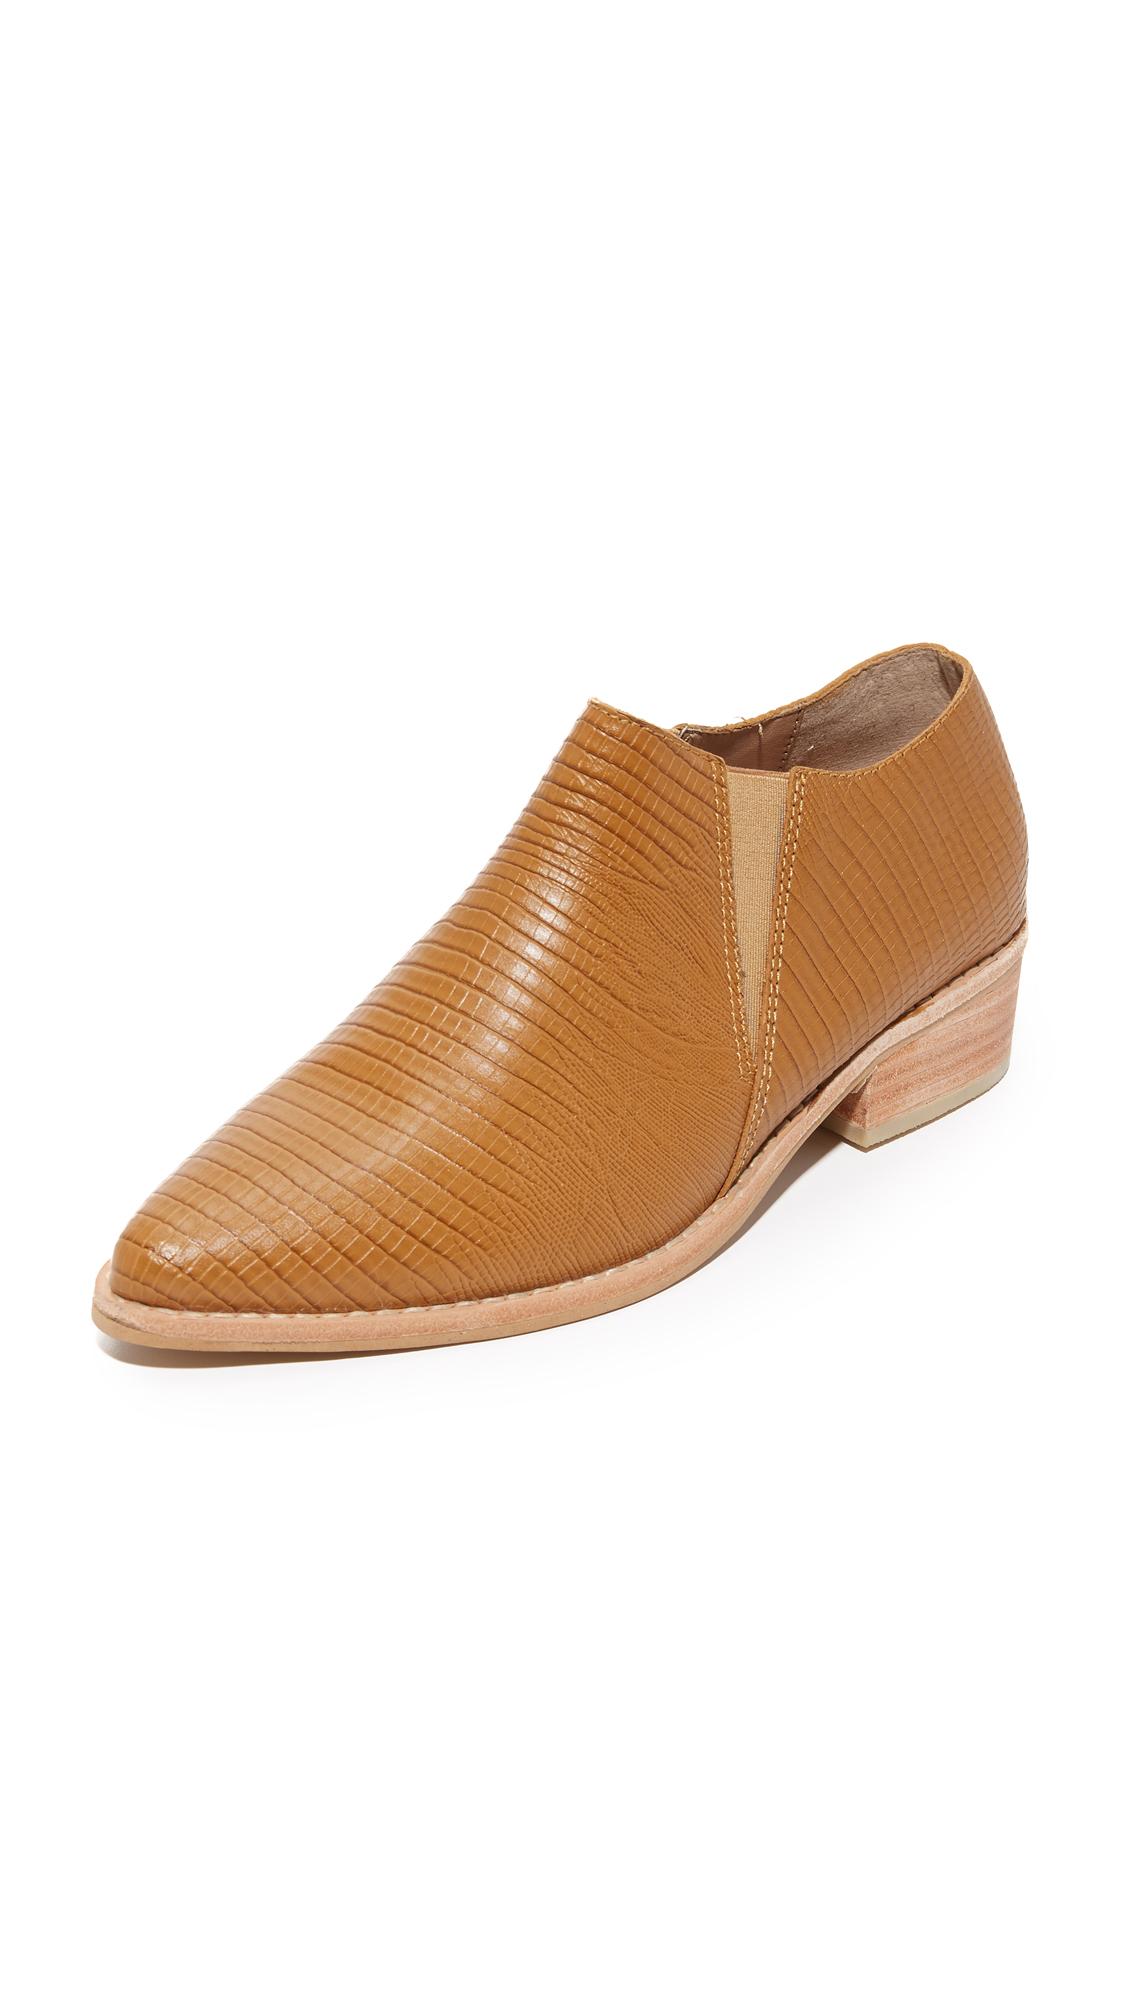 Kaanas Sobek Ankle Booties - Cinnamon